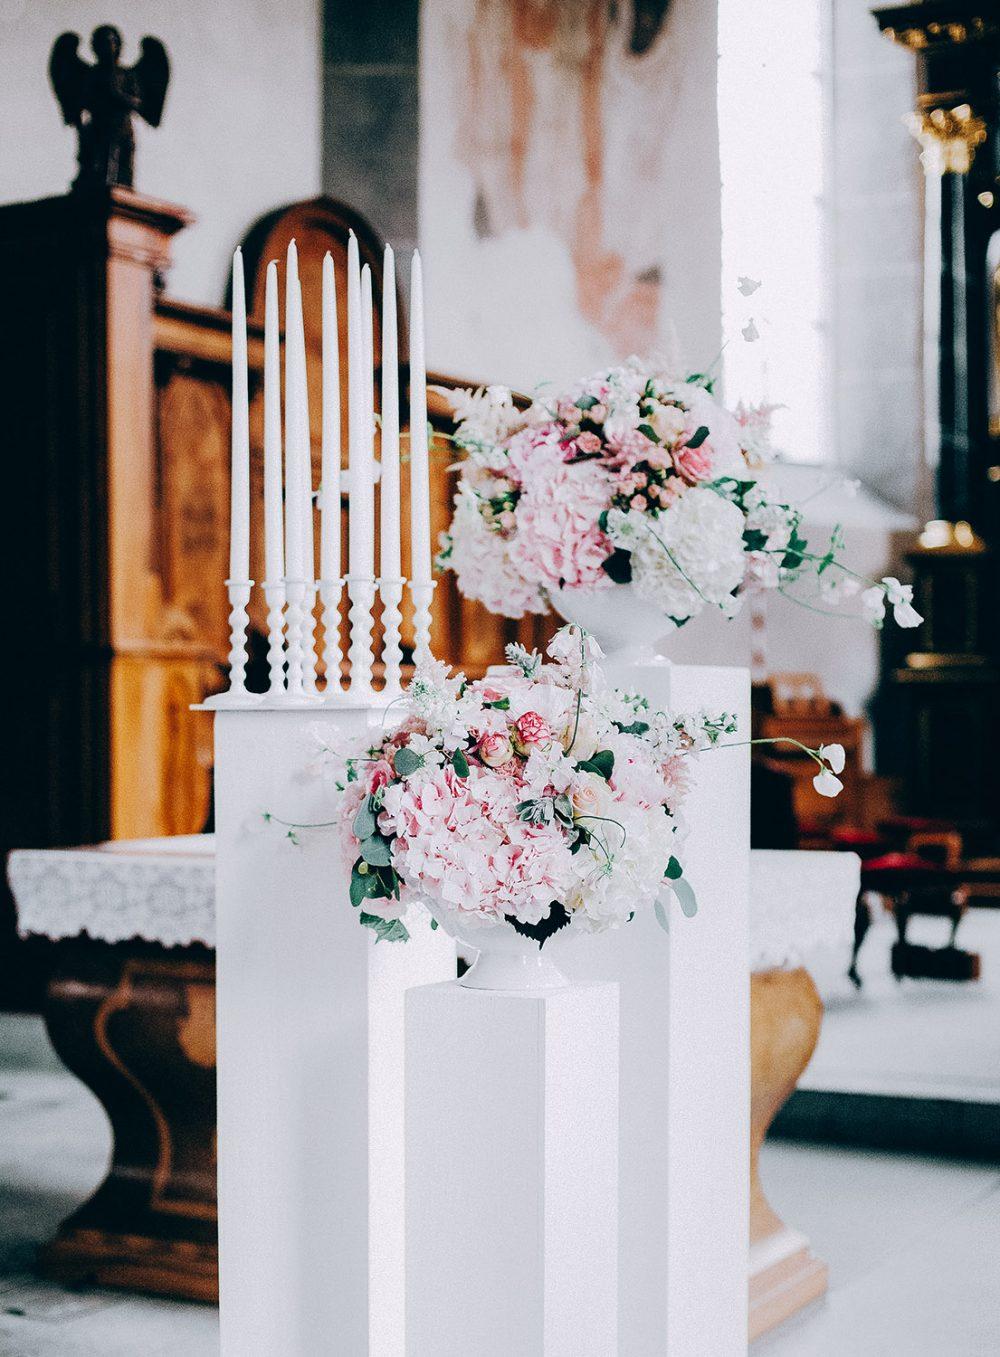 Vintage Hochzeit heiraten Schweiz Zürich Bern Aarau Gstaad Tessin Kirche Blumen Tabea Maria-Lisa Hortensien Rosen Wicken Kerzenständer